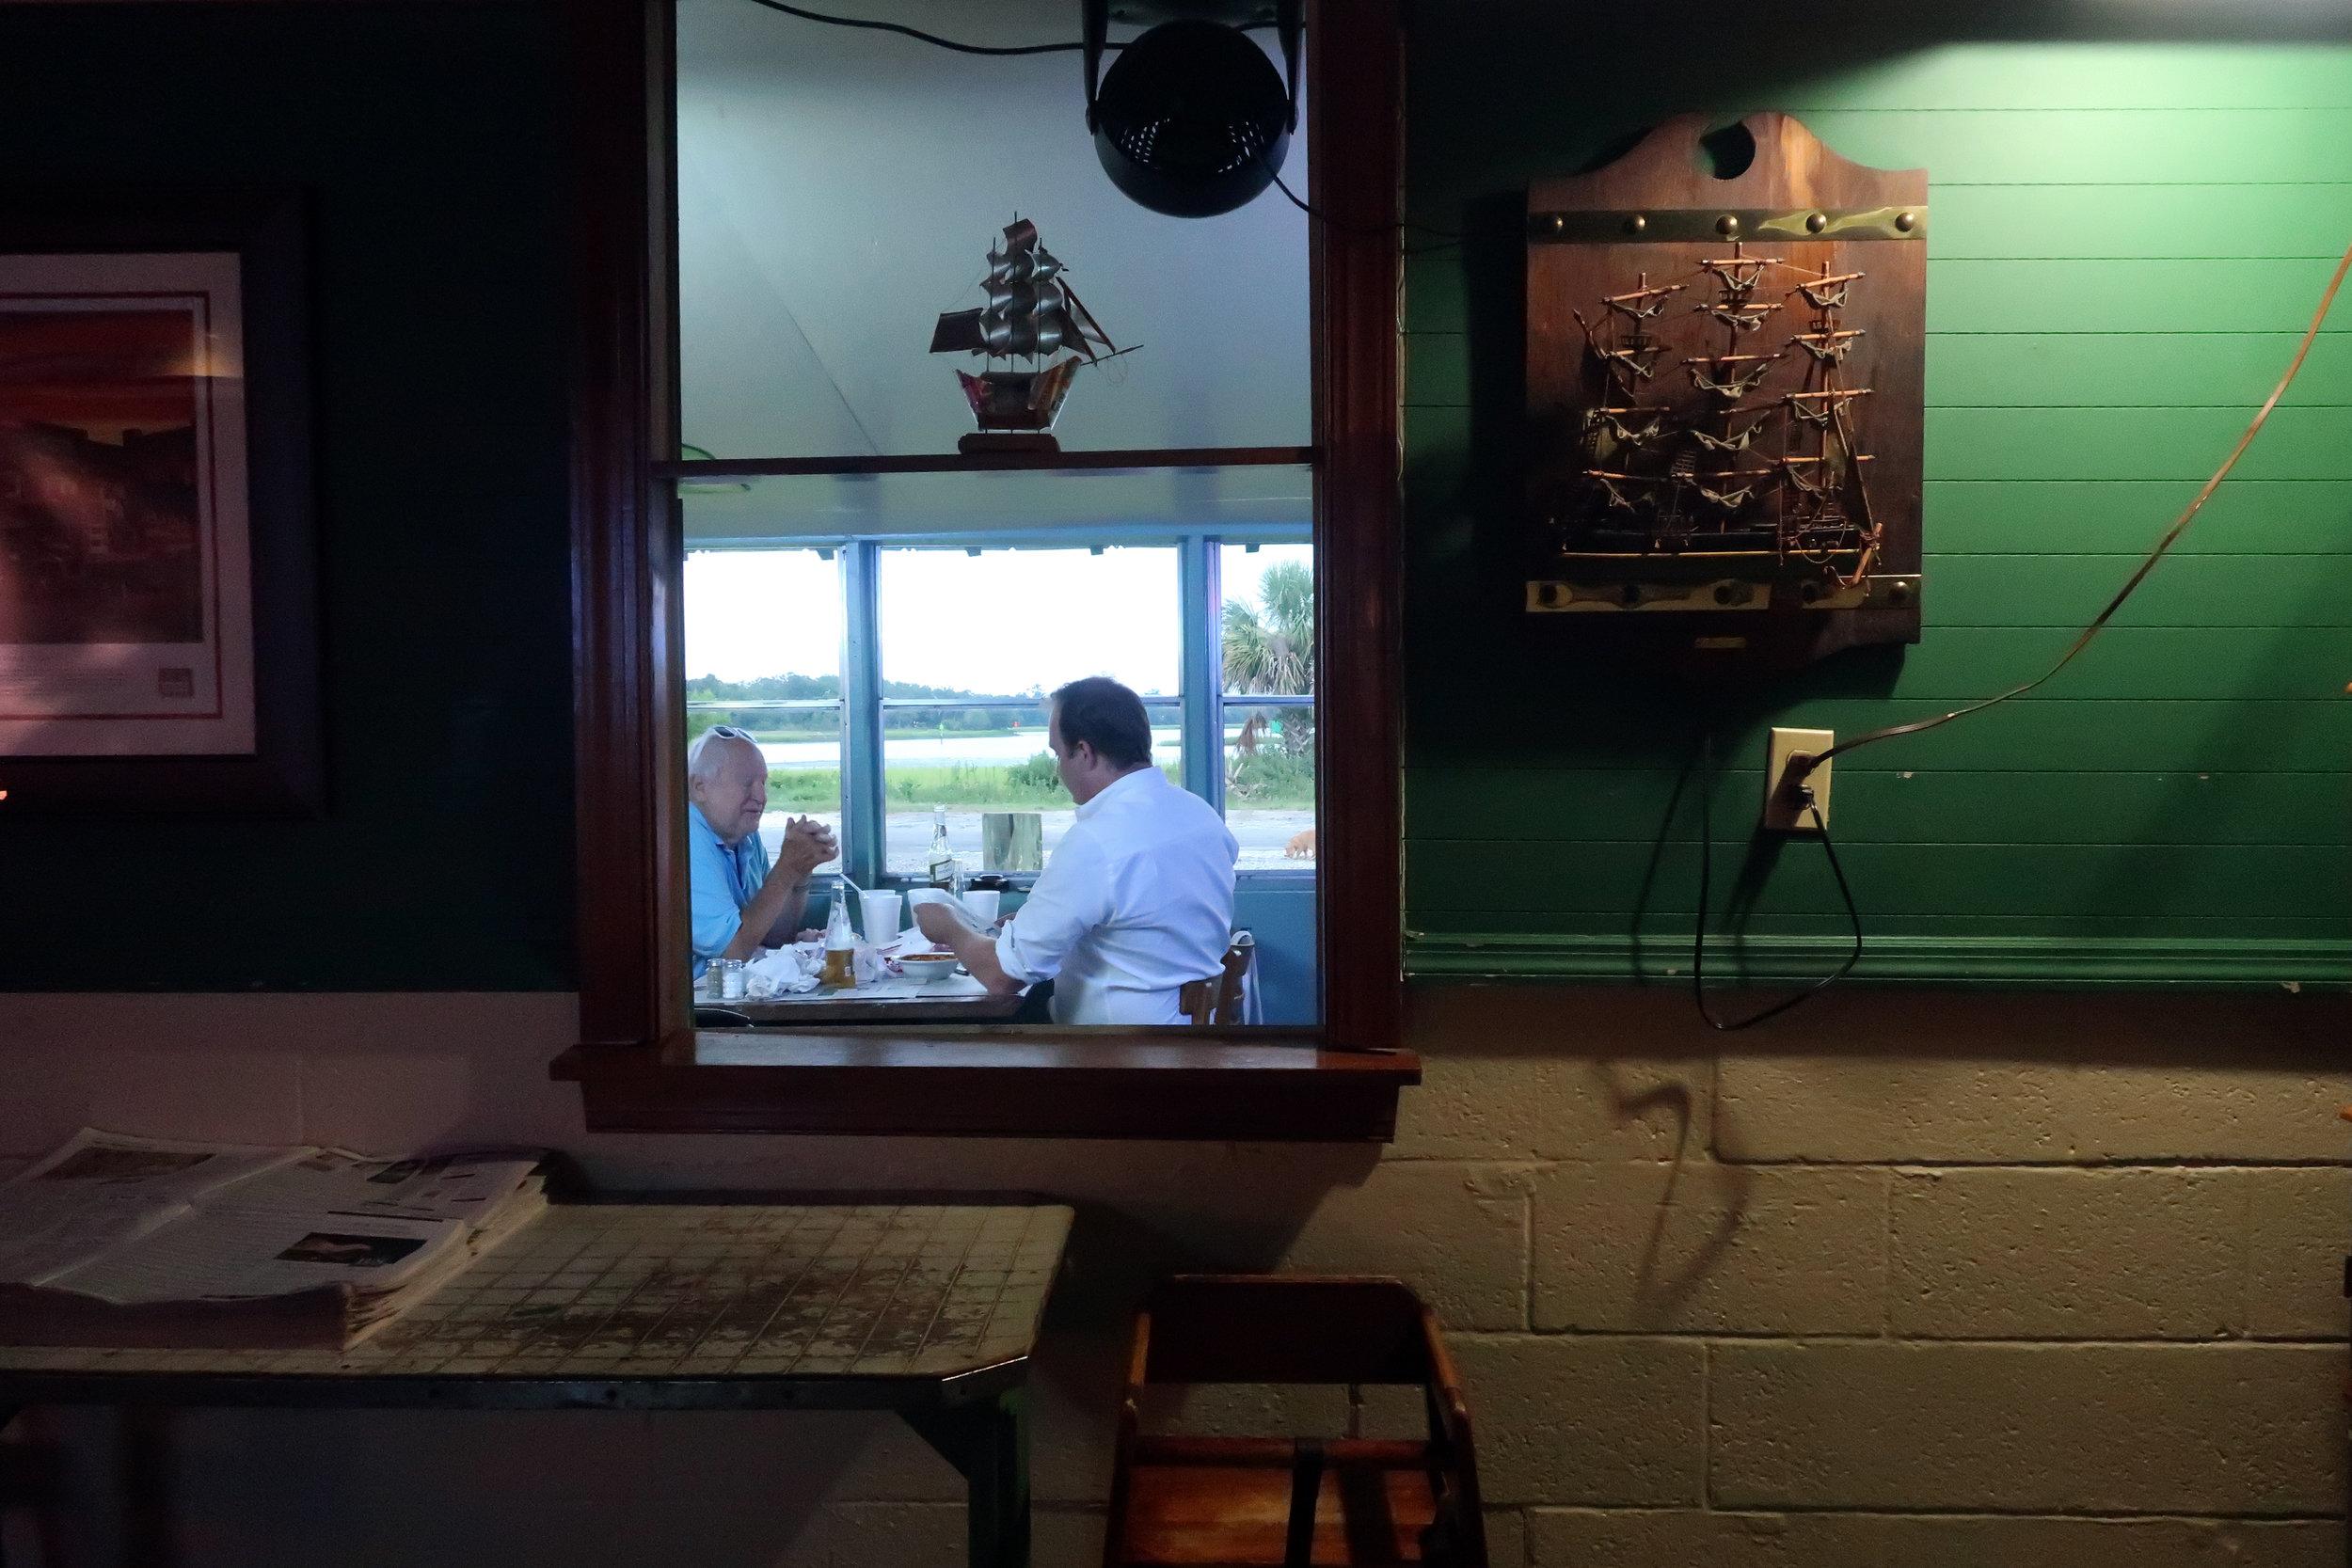 restaurant-interior-02.jpg